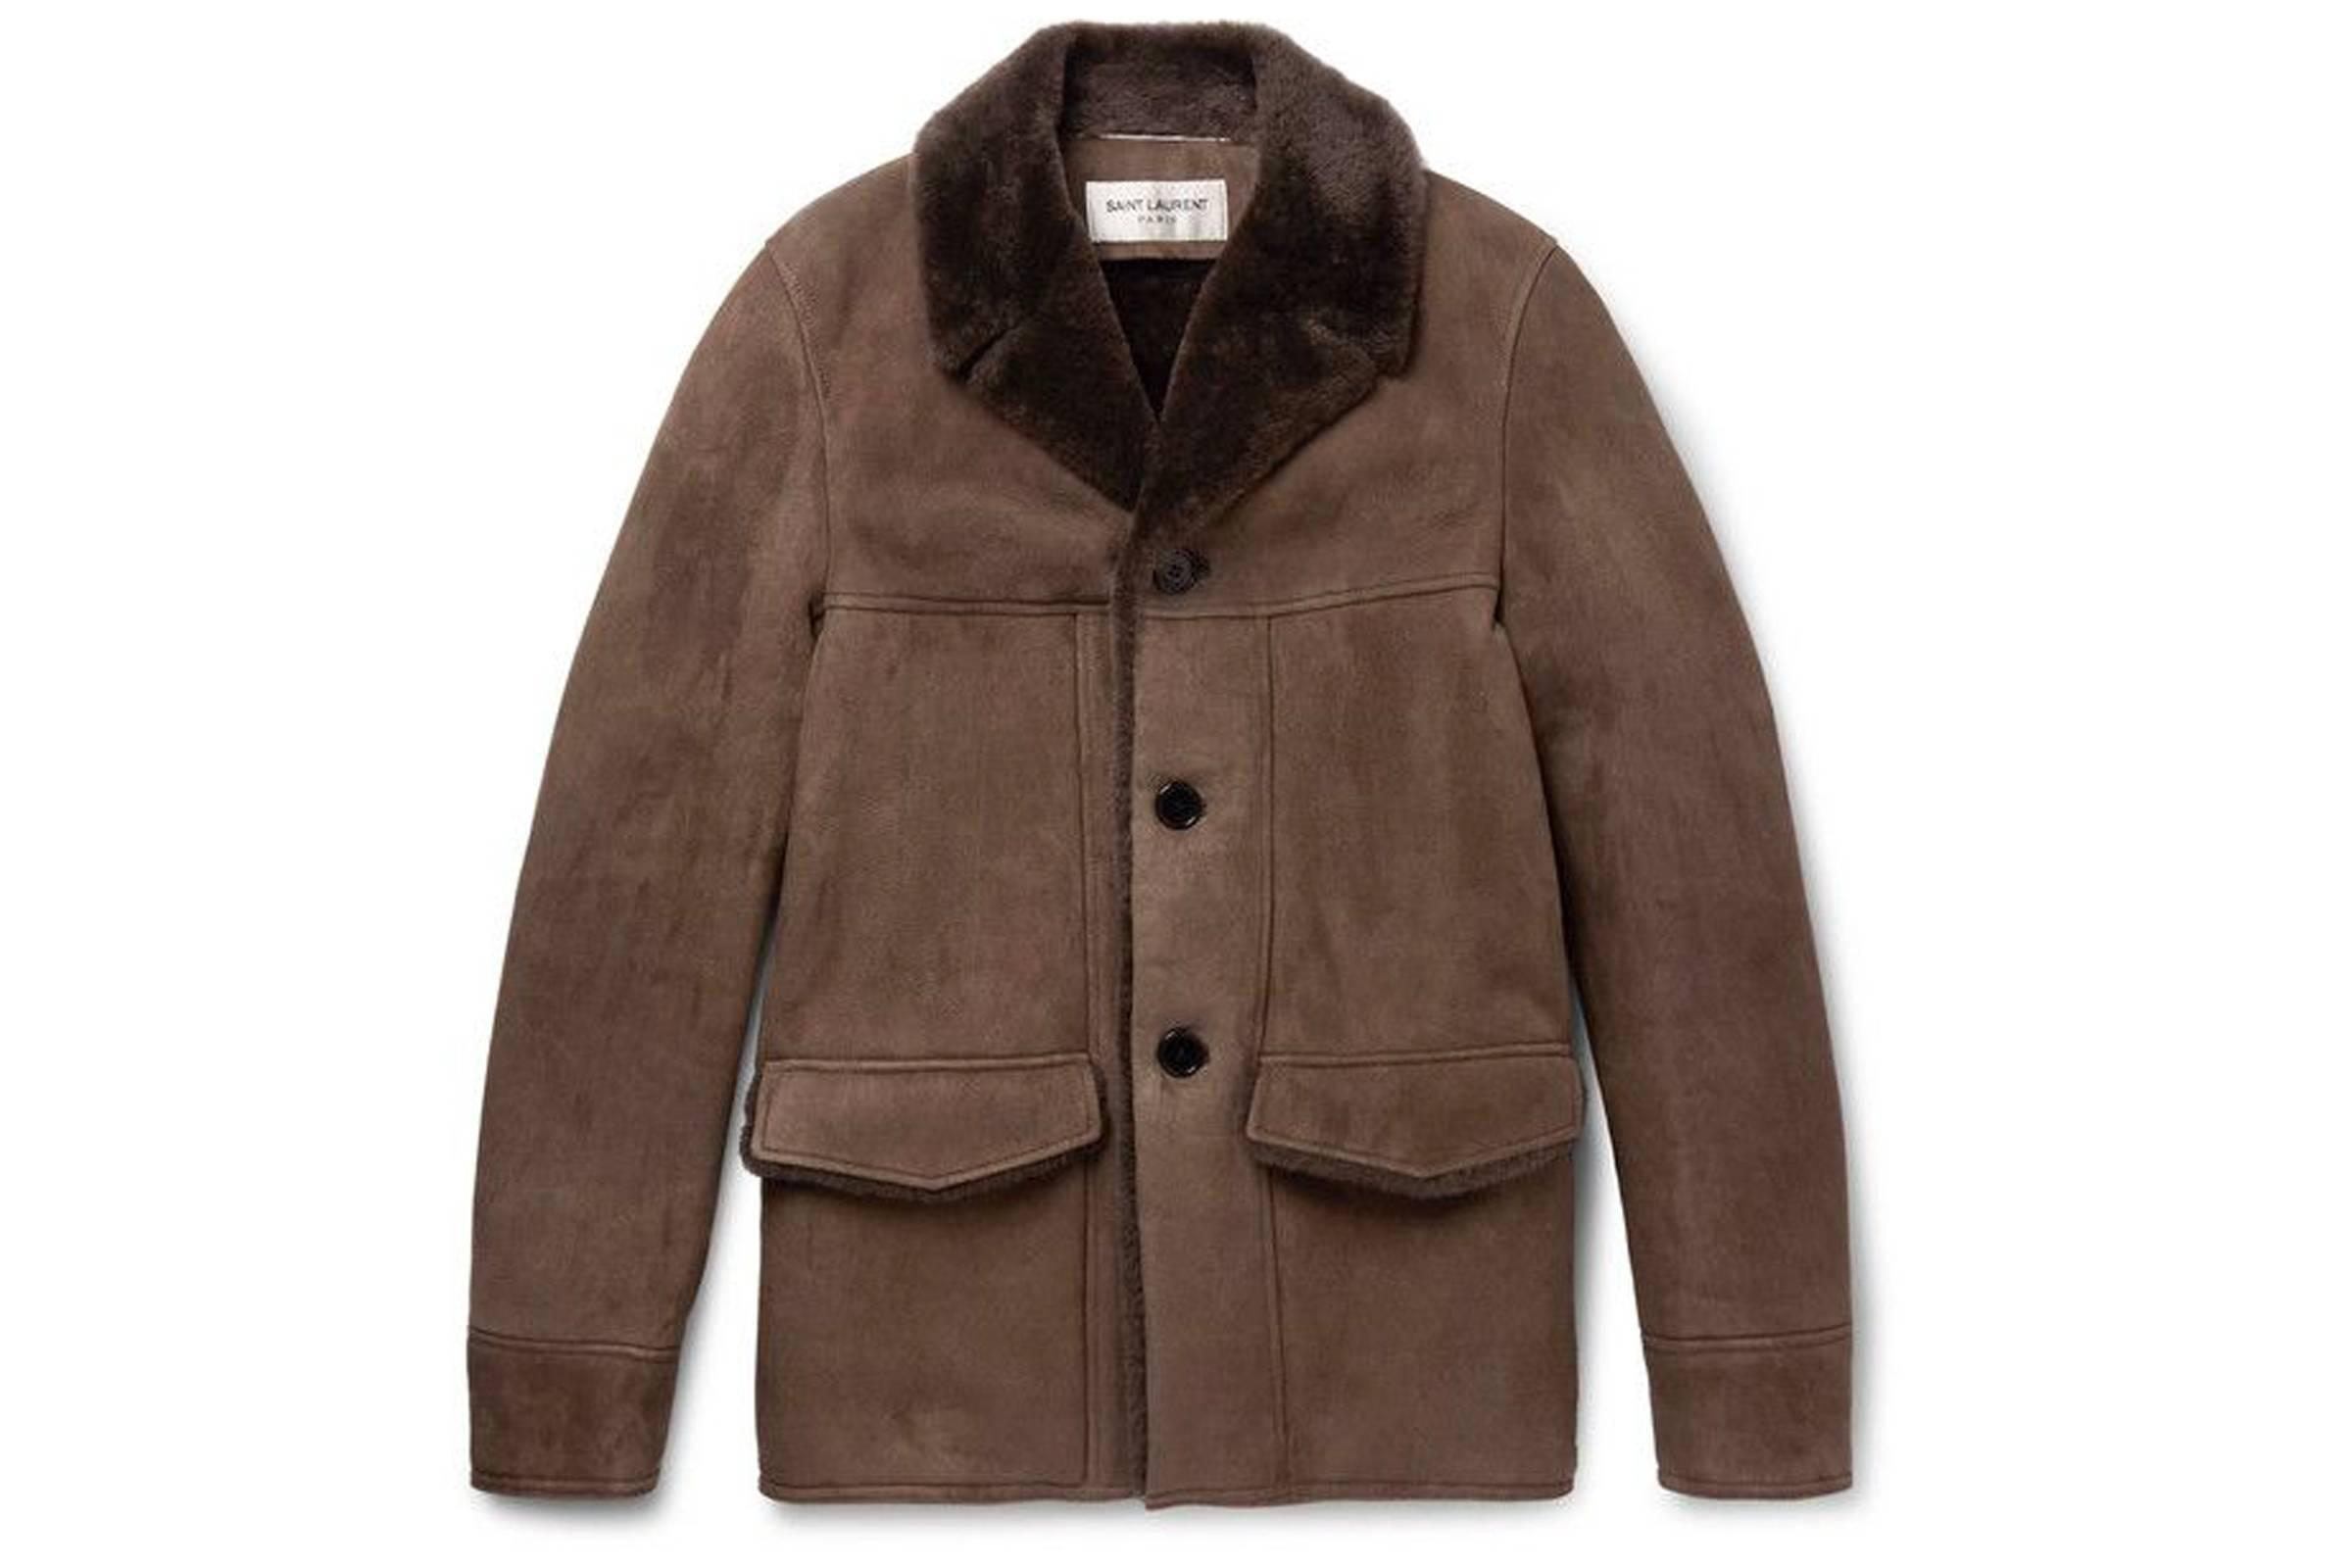 Saint Laurent Paris Shearling Jacket